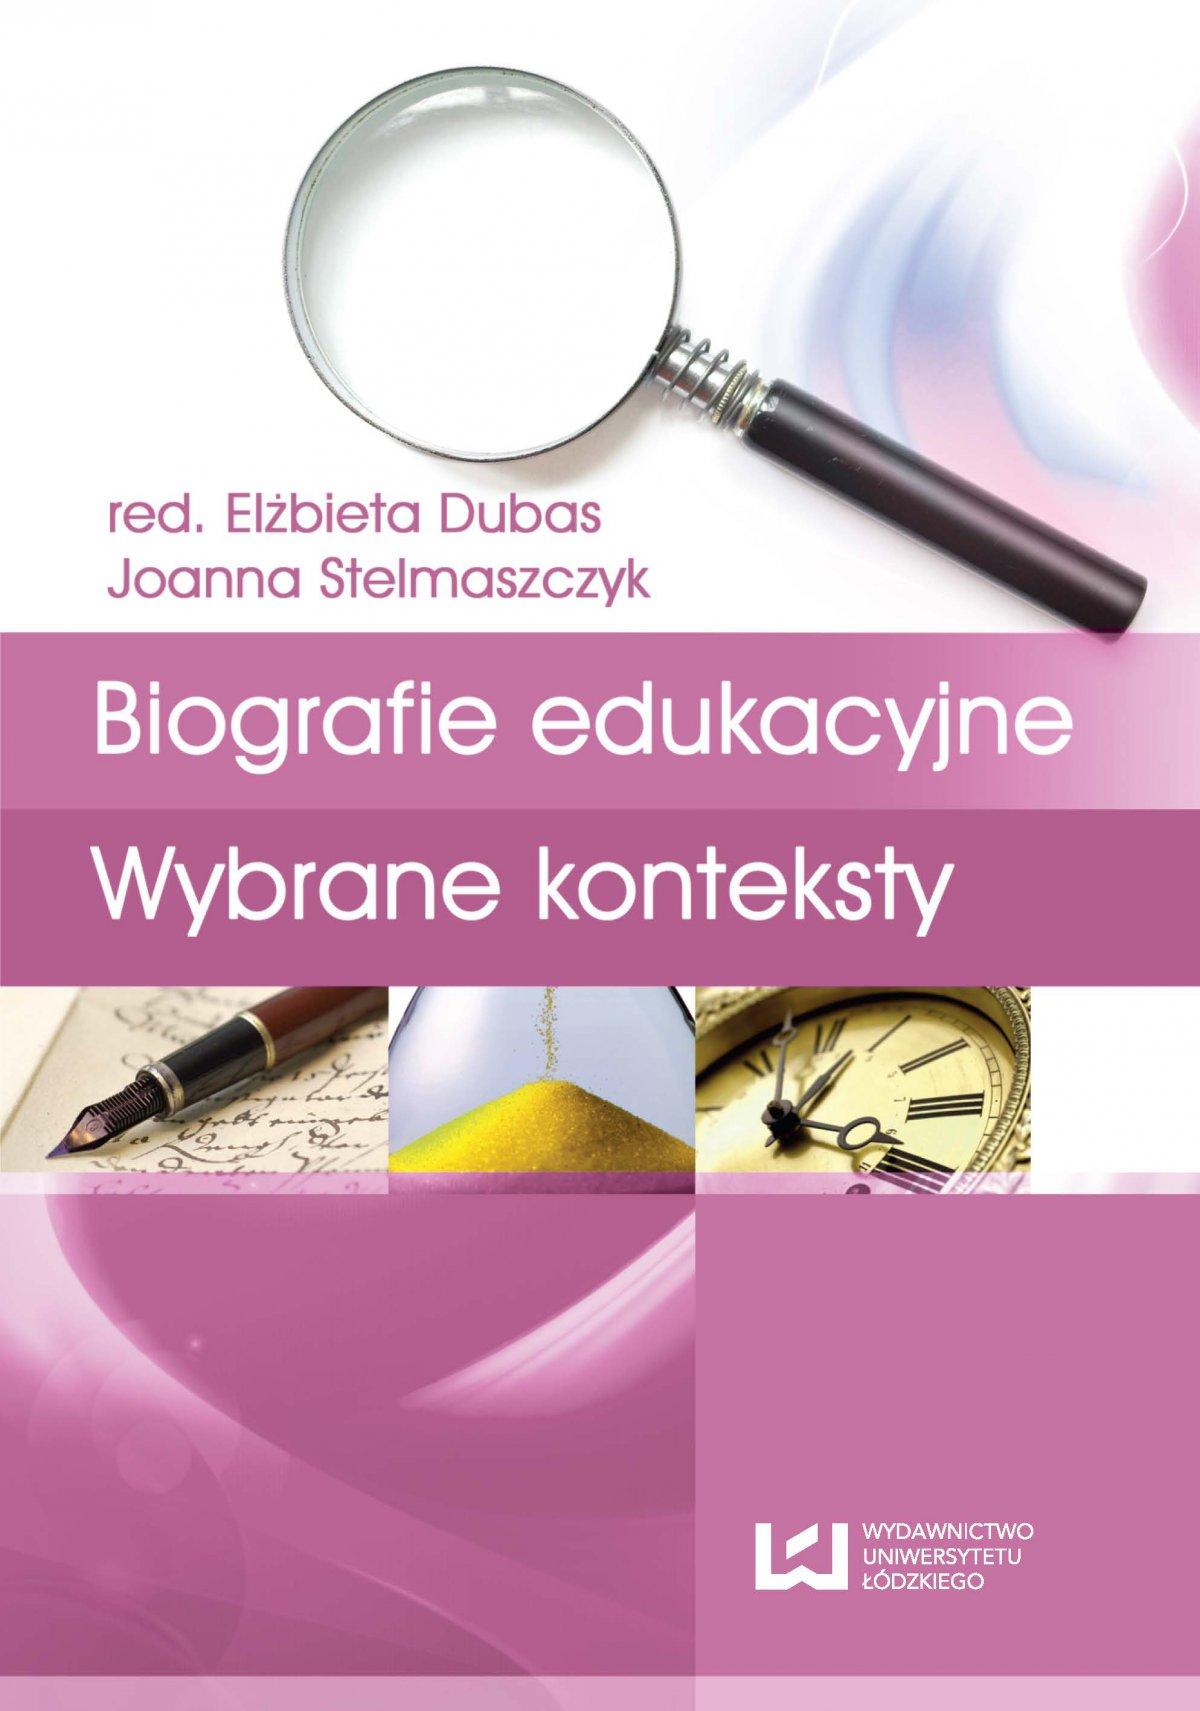 Biografia i badanie biografii. Tom 3. Biografie edukacyjne. Wybrane konteksty - Ebook (Książka PDF) do pobrania w formacie PDF